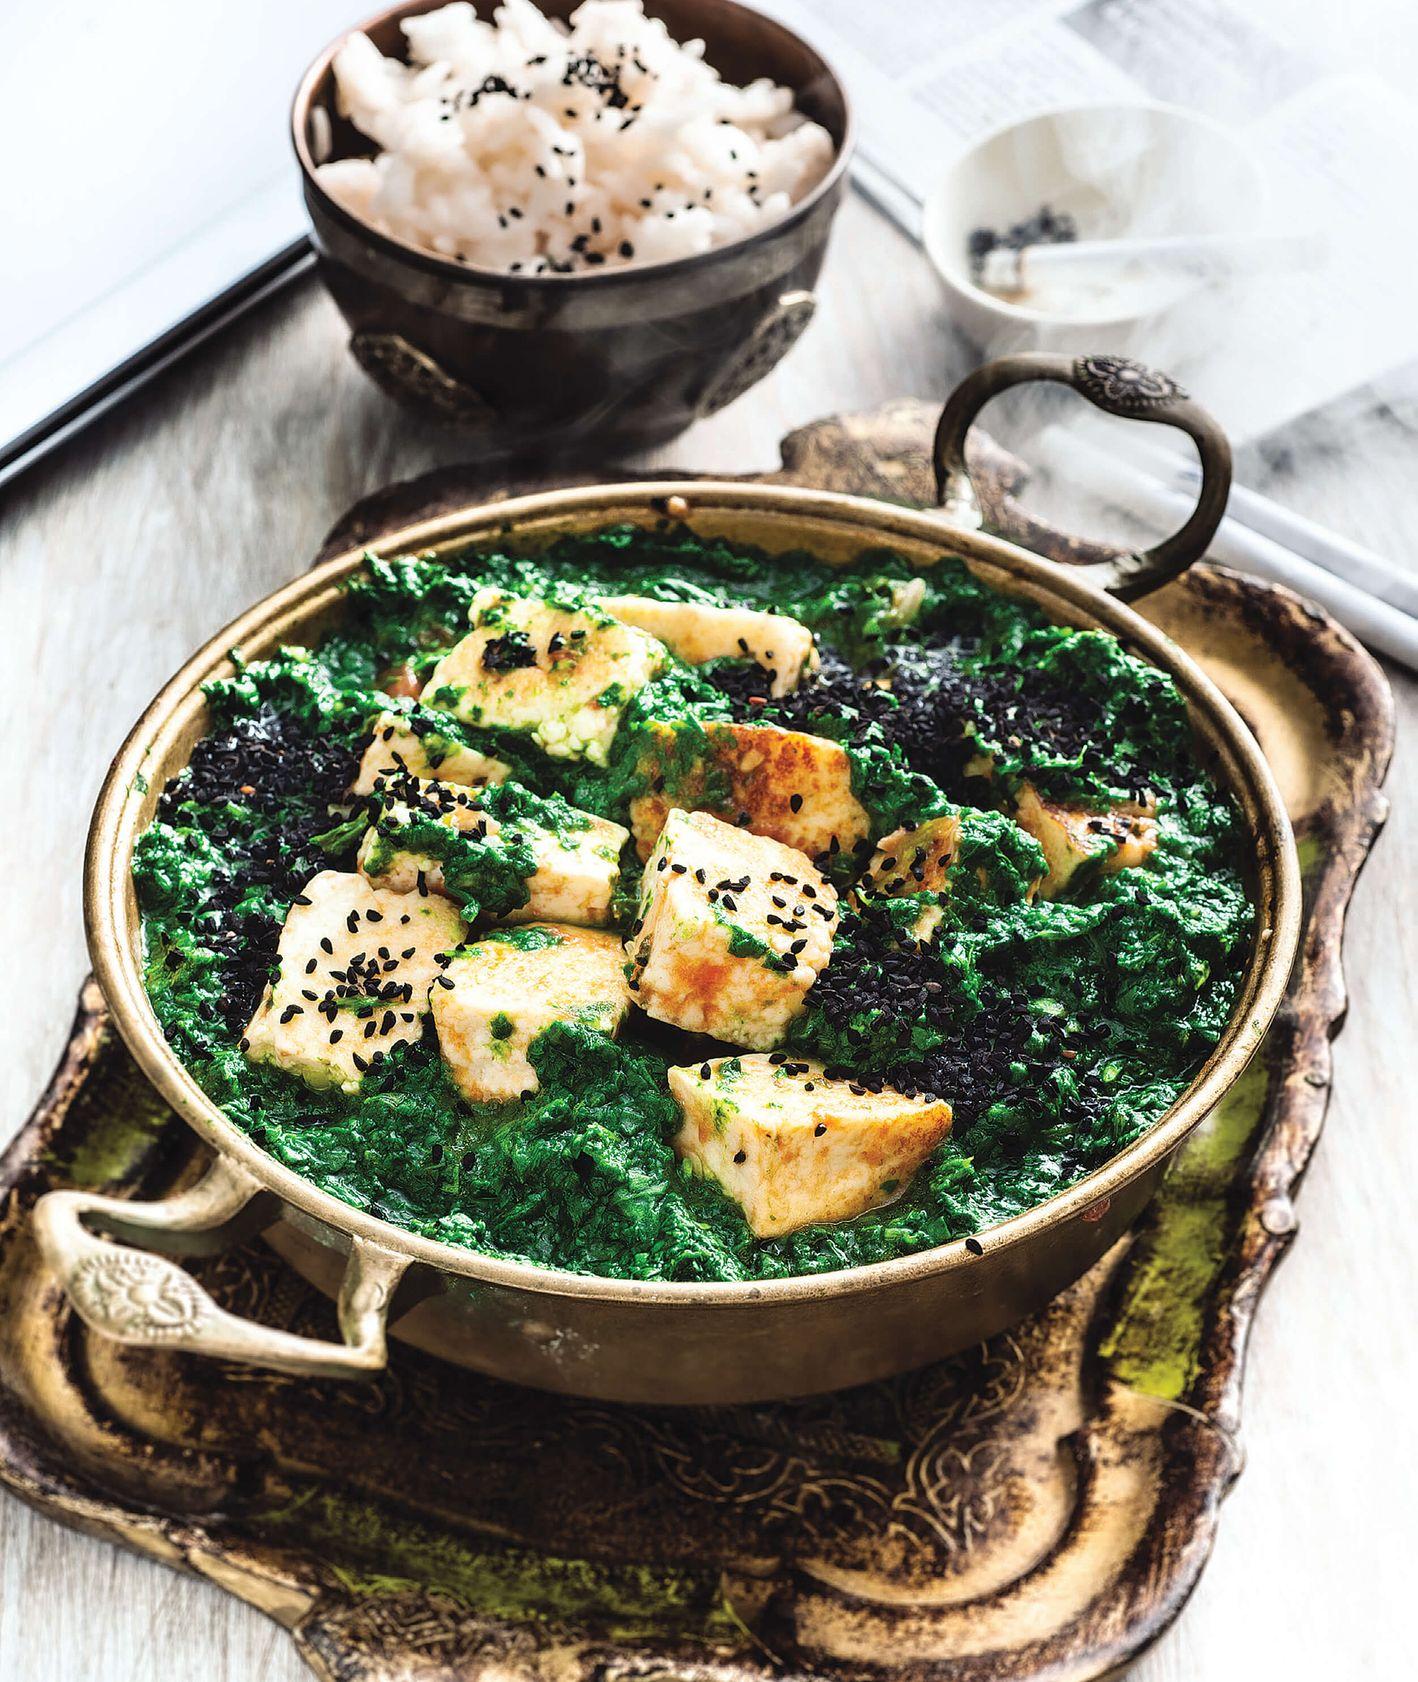 przepis na indyjskie danie ze szpinakiem i serem paneer - Przepis Vienio